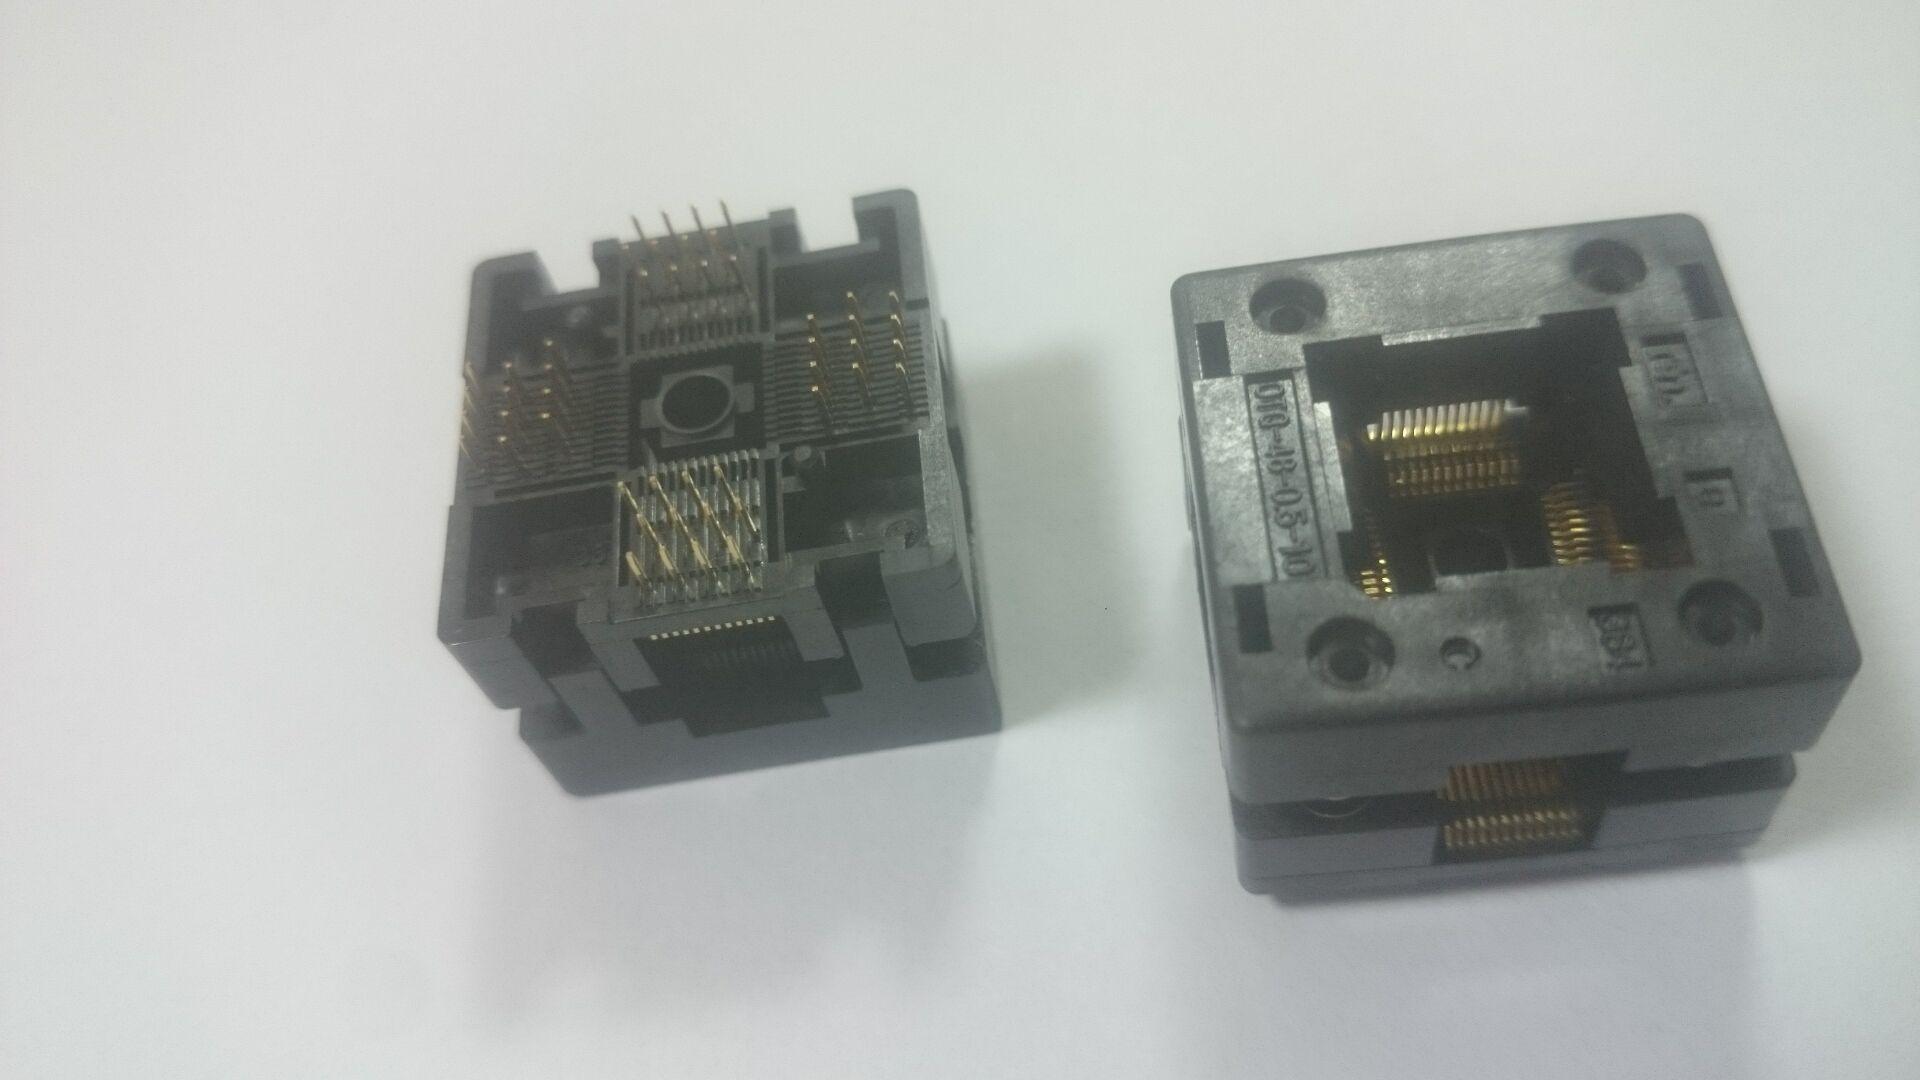 Enplas IC TEST SOCKET OTQ-48-0.5-10 QFP48PIN 0.5MM PITCH BURN IN SOCKET